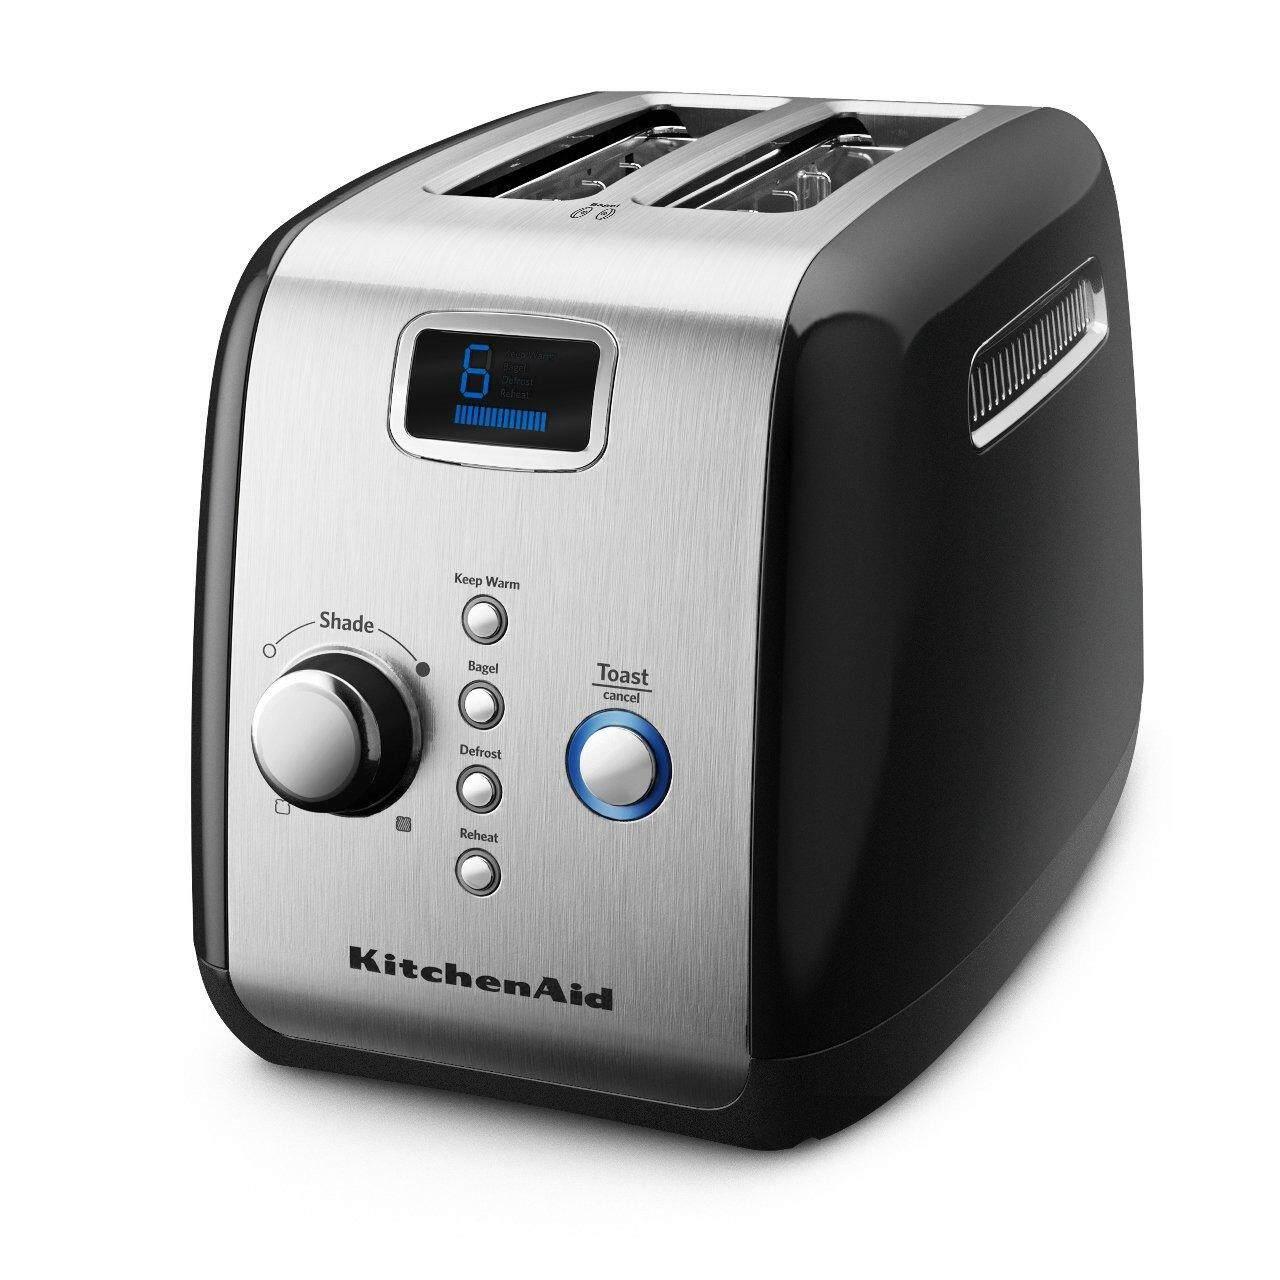 สอนใช้งาน  นราธิวาส KitchenAid 5KMT223GOB Automatic/Pop Up Toaster Onyx Black